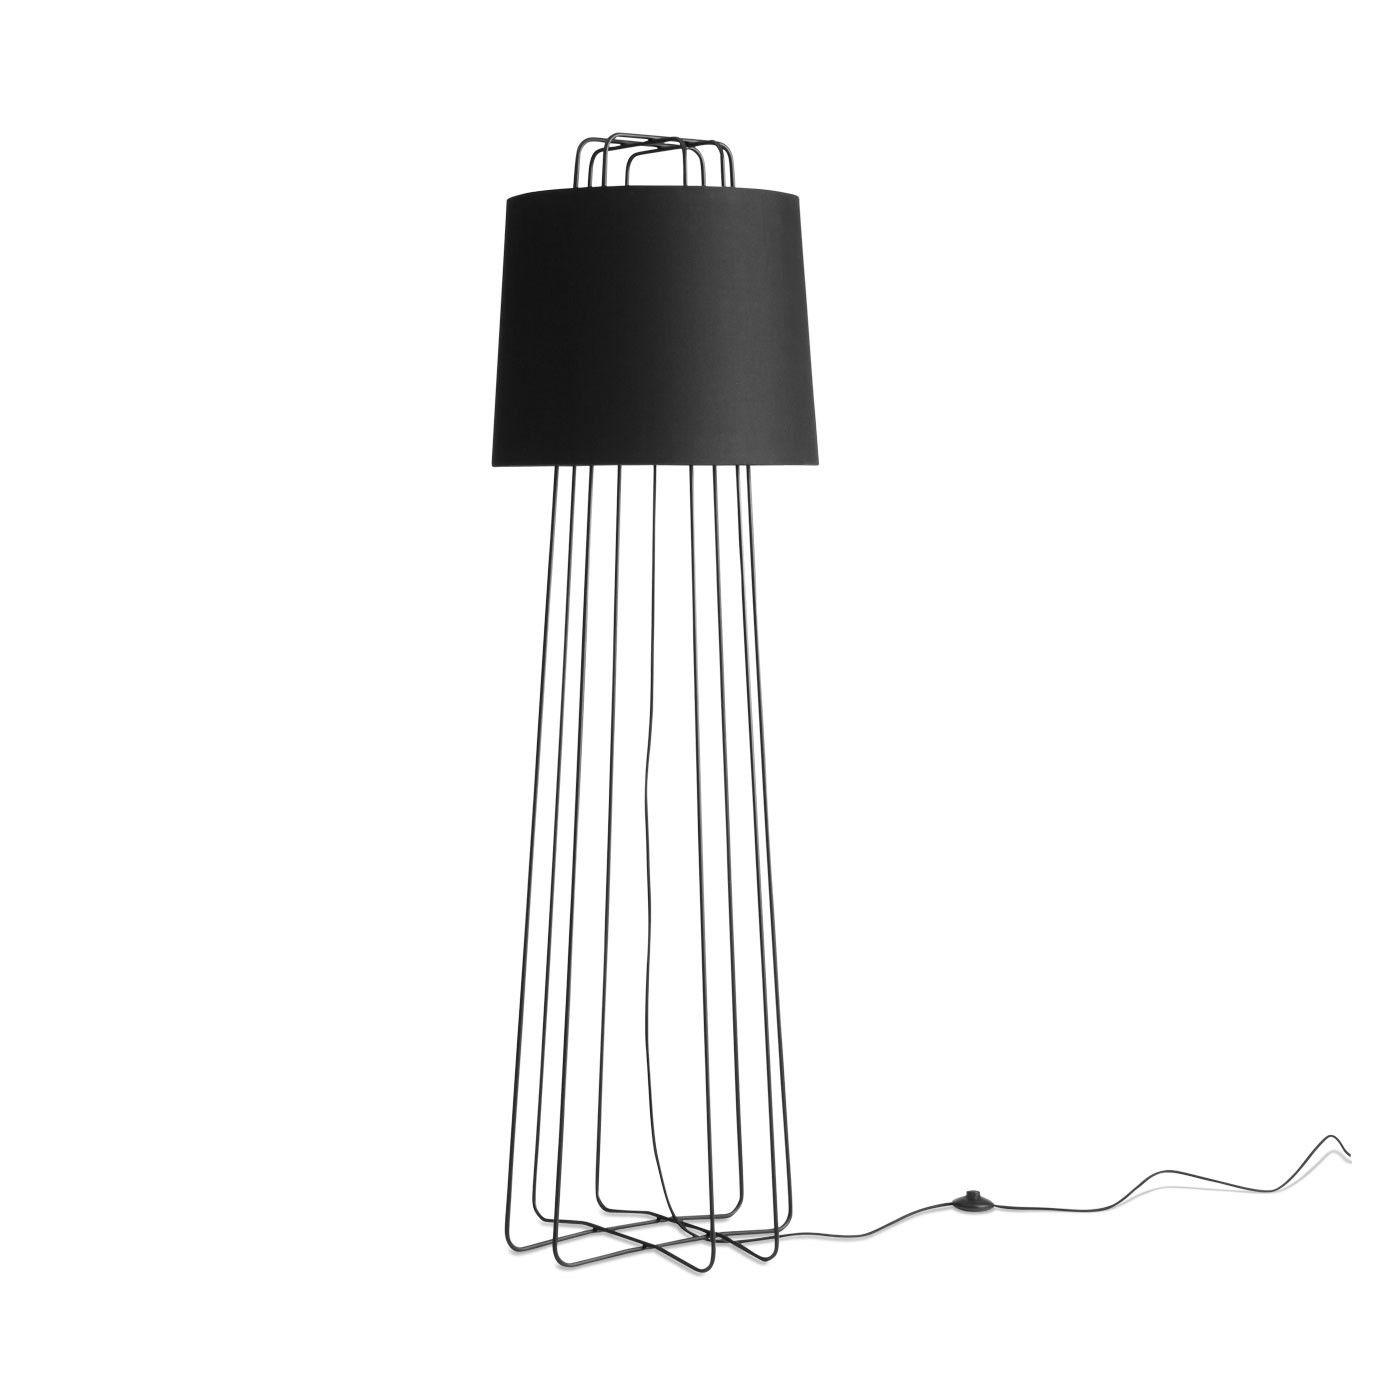 outstanding arc top lamp standing corner genius modern tripod lamps floor